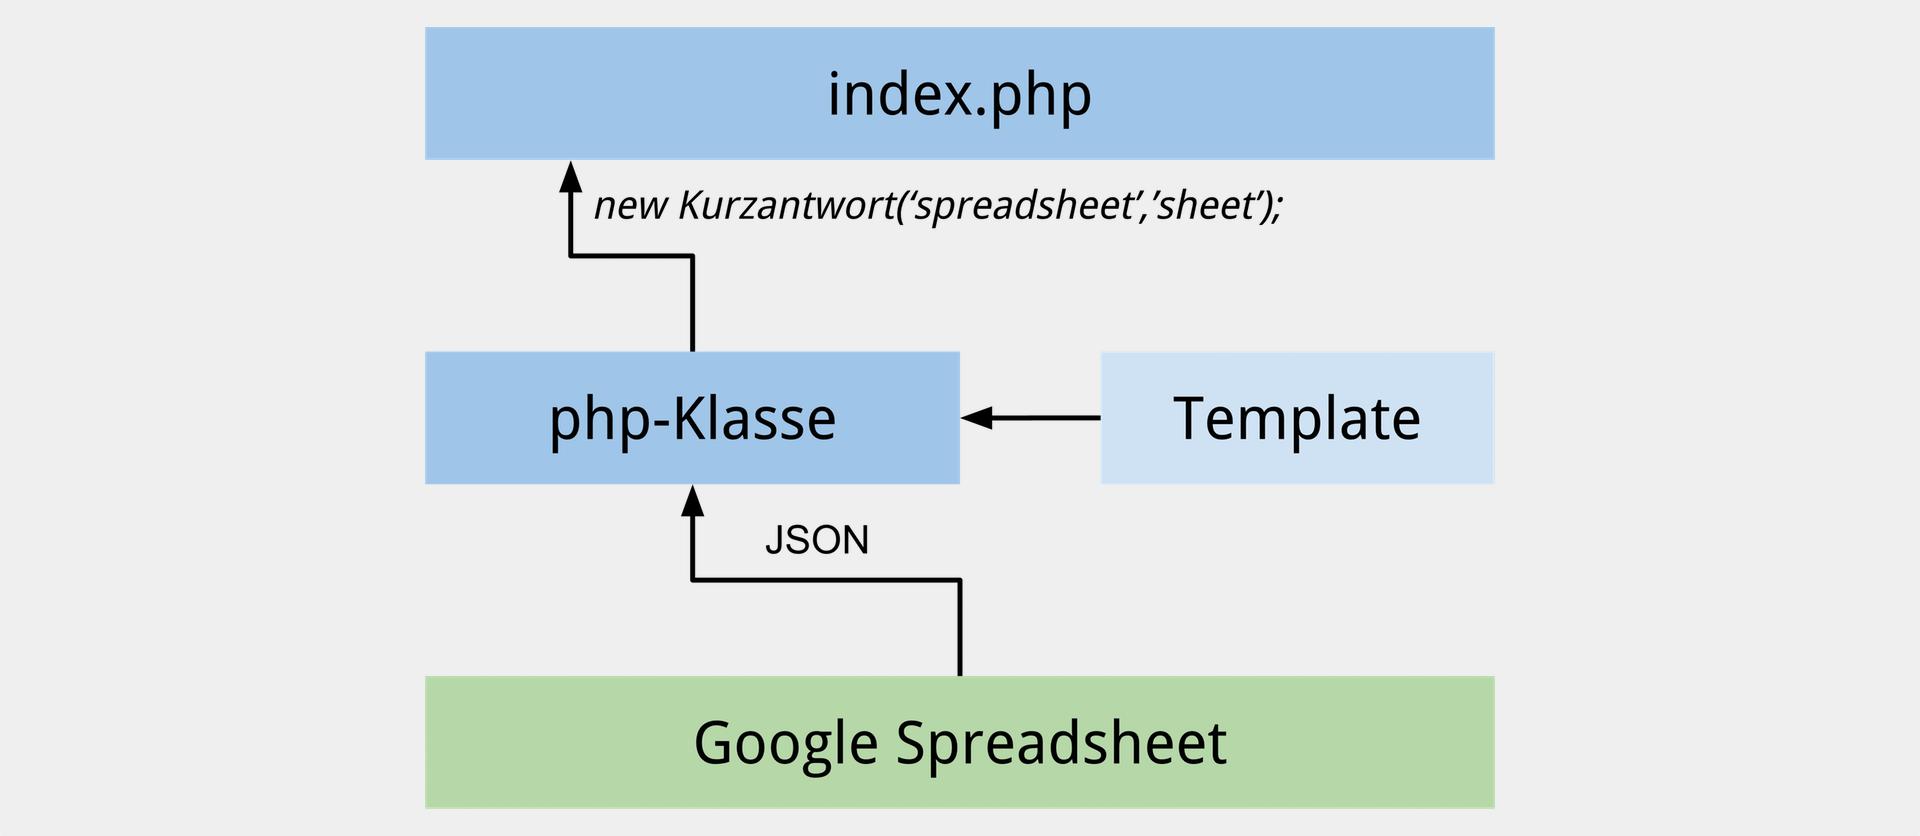 Kein XML, mysql oder csv. Nur ein Spreadsheet als Datenquelle.